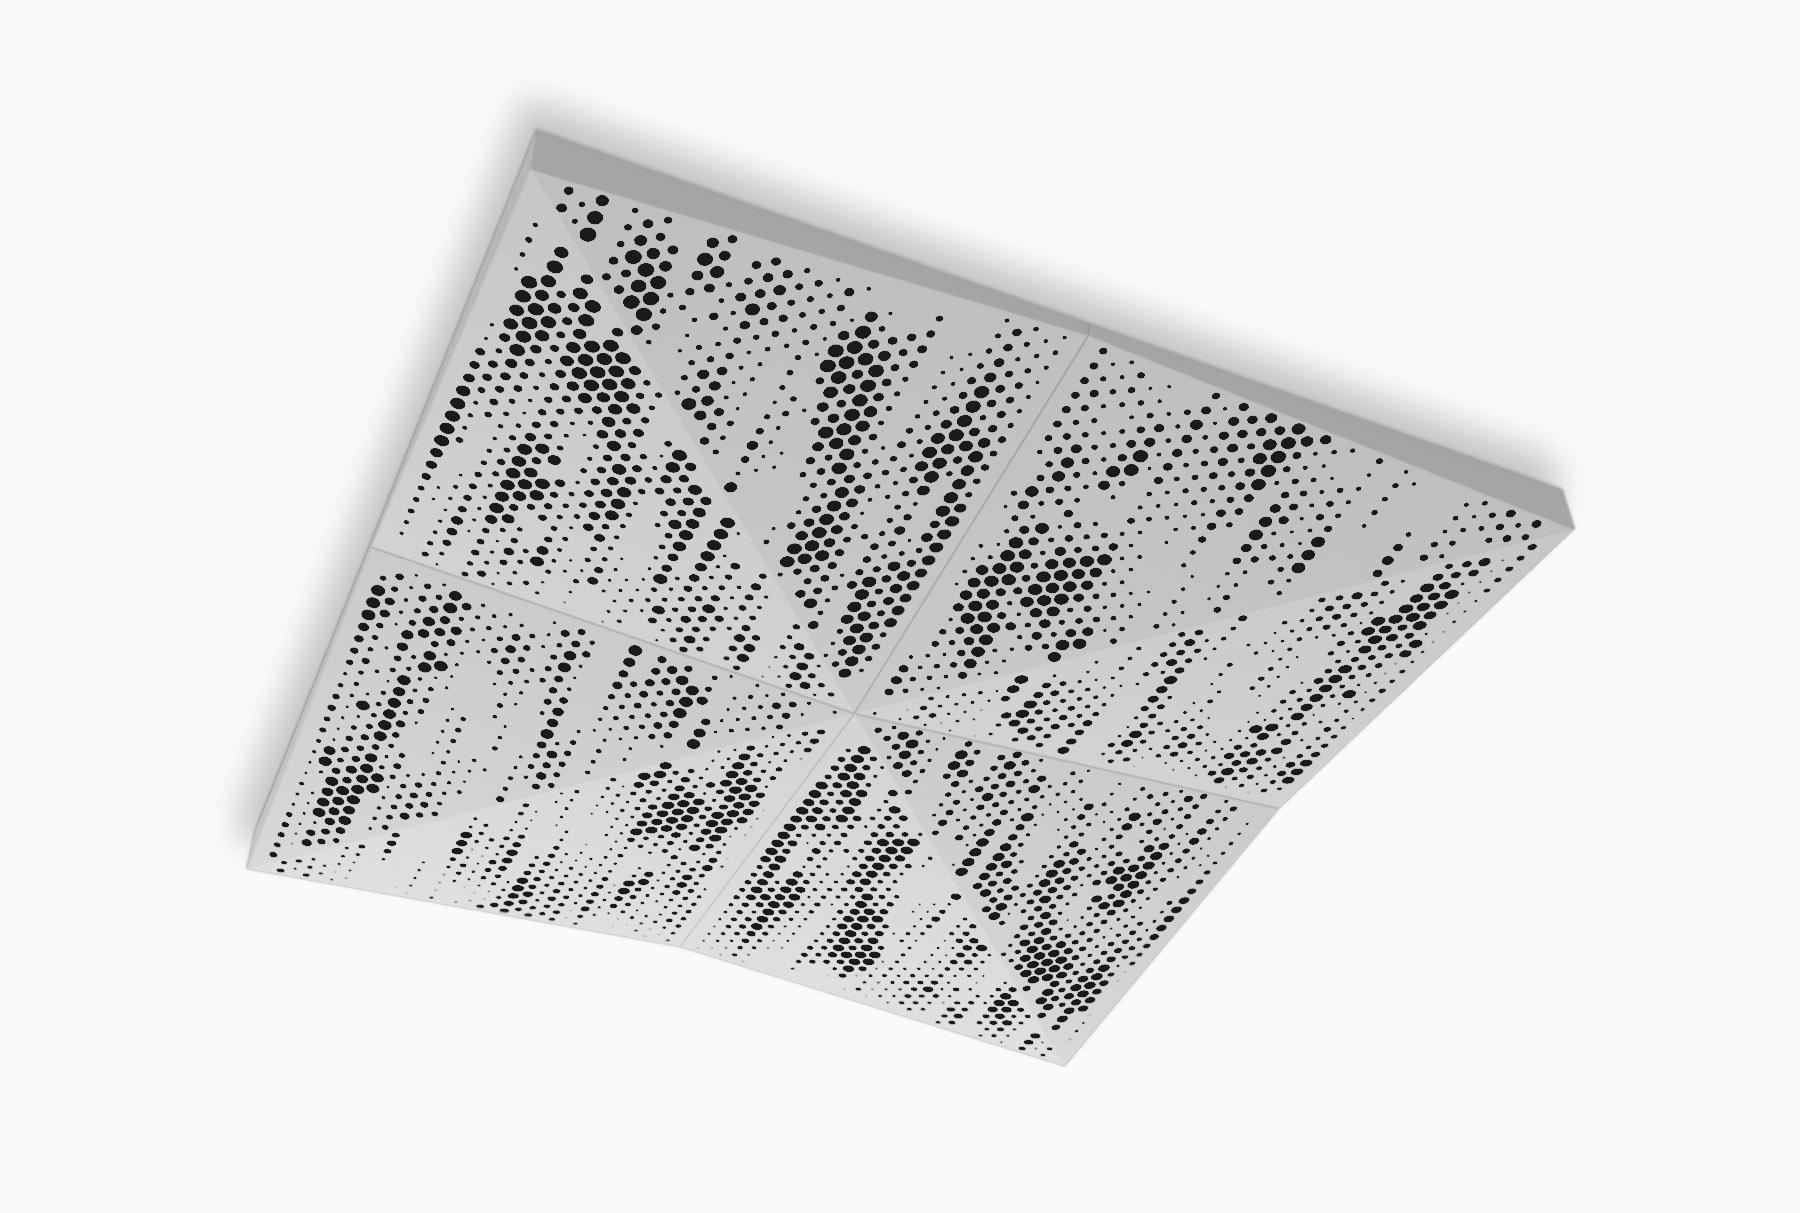 Delta Drop® 4x4 Full Circle render